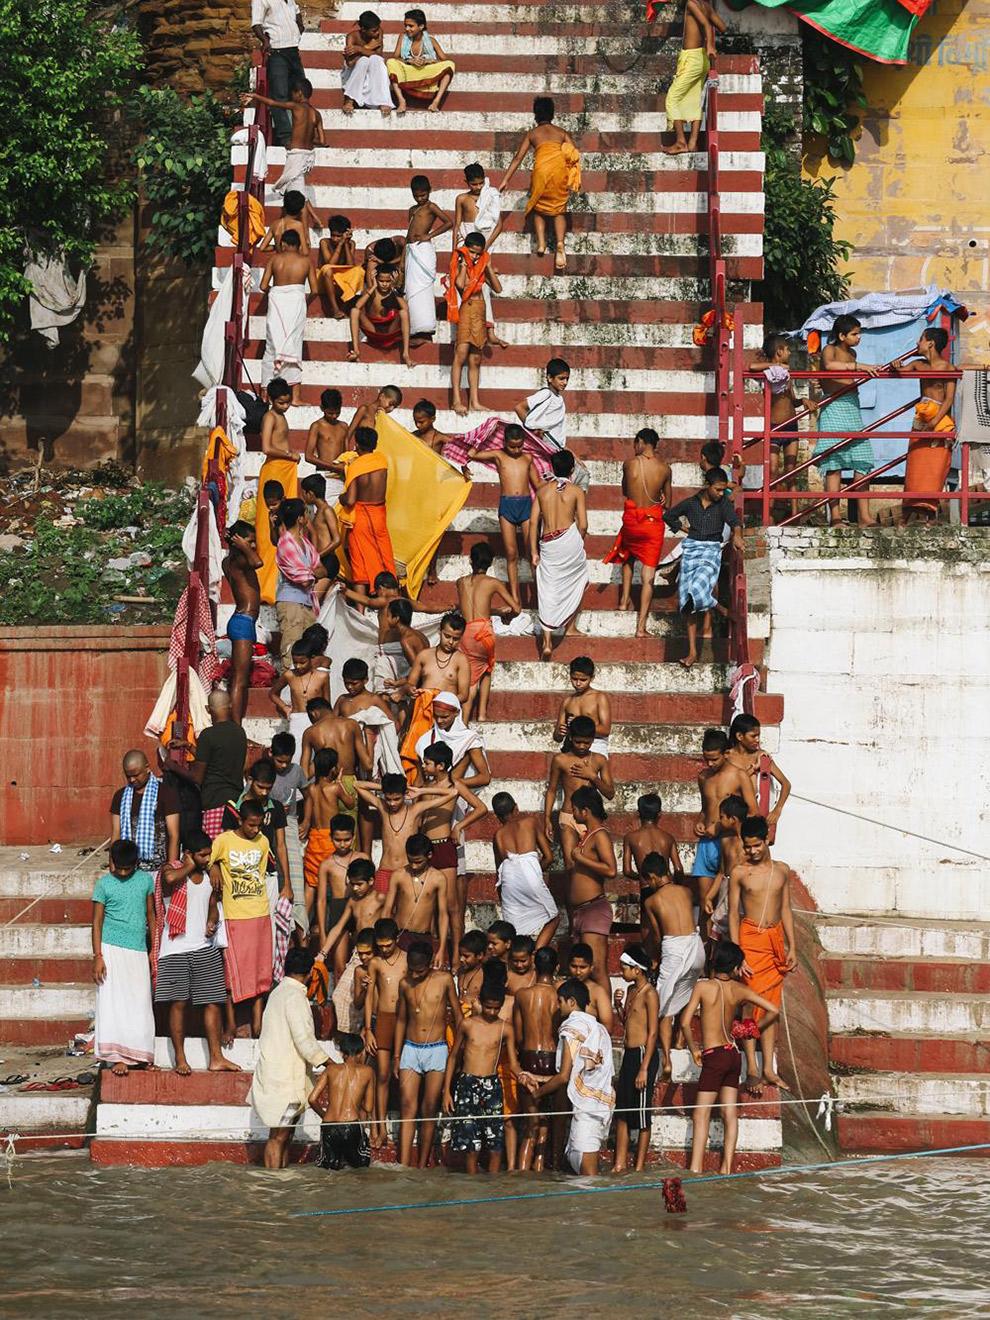 Kinderen verzamelen zich op trap om te wassen in de Ganges rivier in India